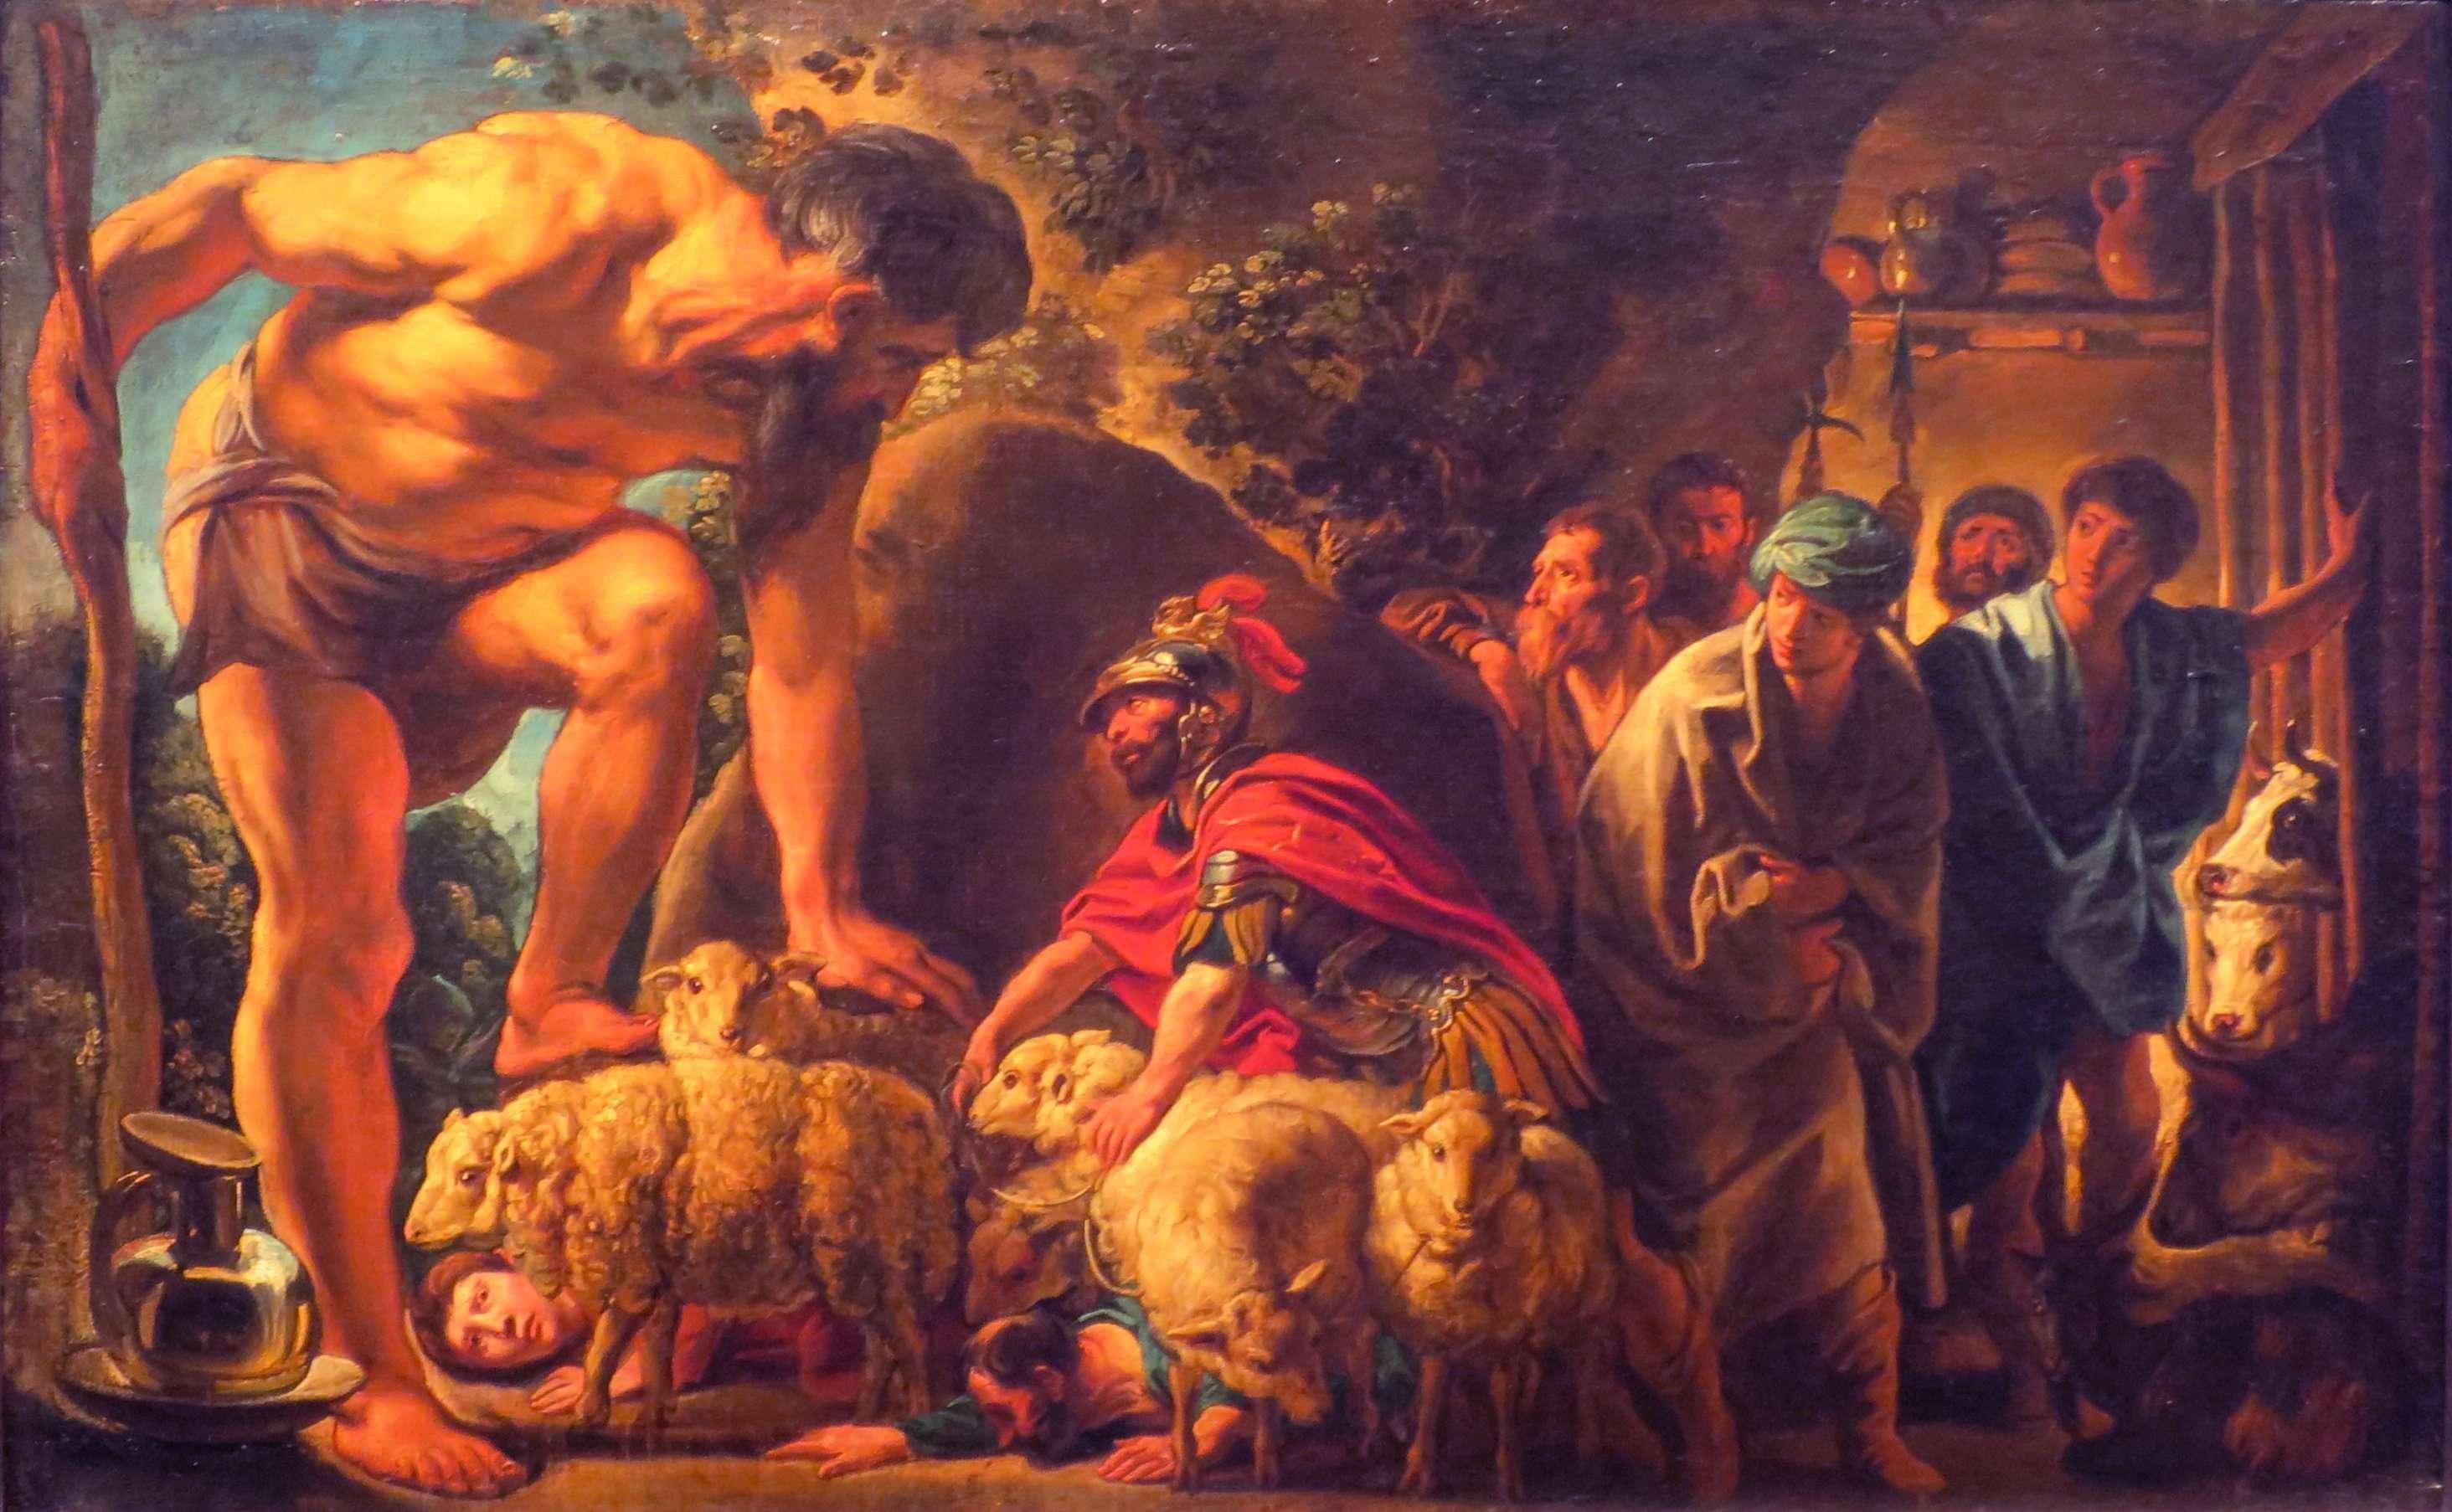 Ο Γιάκομπ Γιόρντενς (φλαμανδικά: Jacob Jordaens, 19 Μαΐου 1593 – 18 Οκτωβρίου 1678) ήταν Φλαμανδός ζωγράφος, χαράκτης και σχεδιαστής ταπισερί, γνωστός για τους πίνακες με ιστορικά θέματα, θέματα καθημερινότητας και τις προσωπογραφίες του. Ο Οδυσσέας στη σπηλιά του Πολύφημου, λάδι σε μουσαμά, 76 × 96 εκ., Μουσείο Πούσκιν